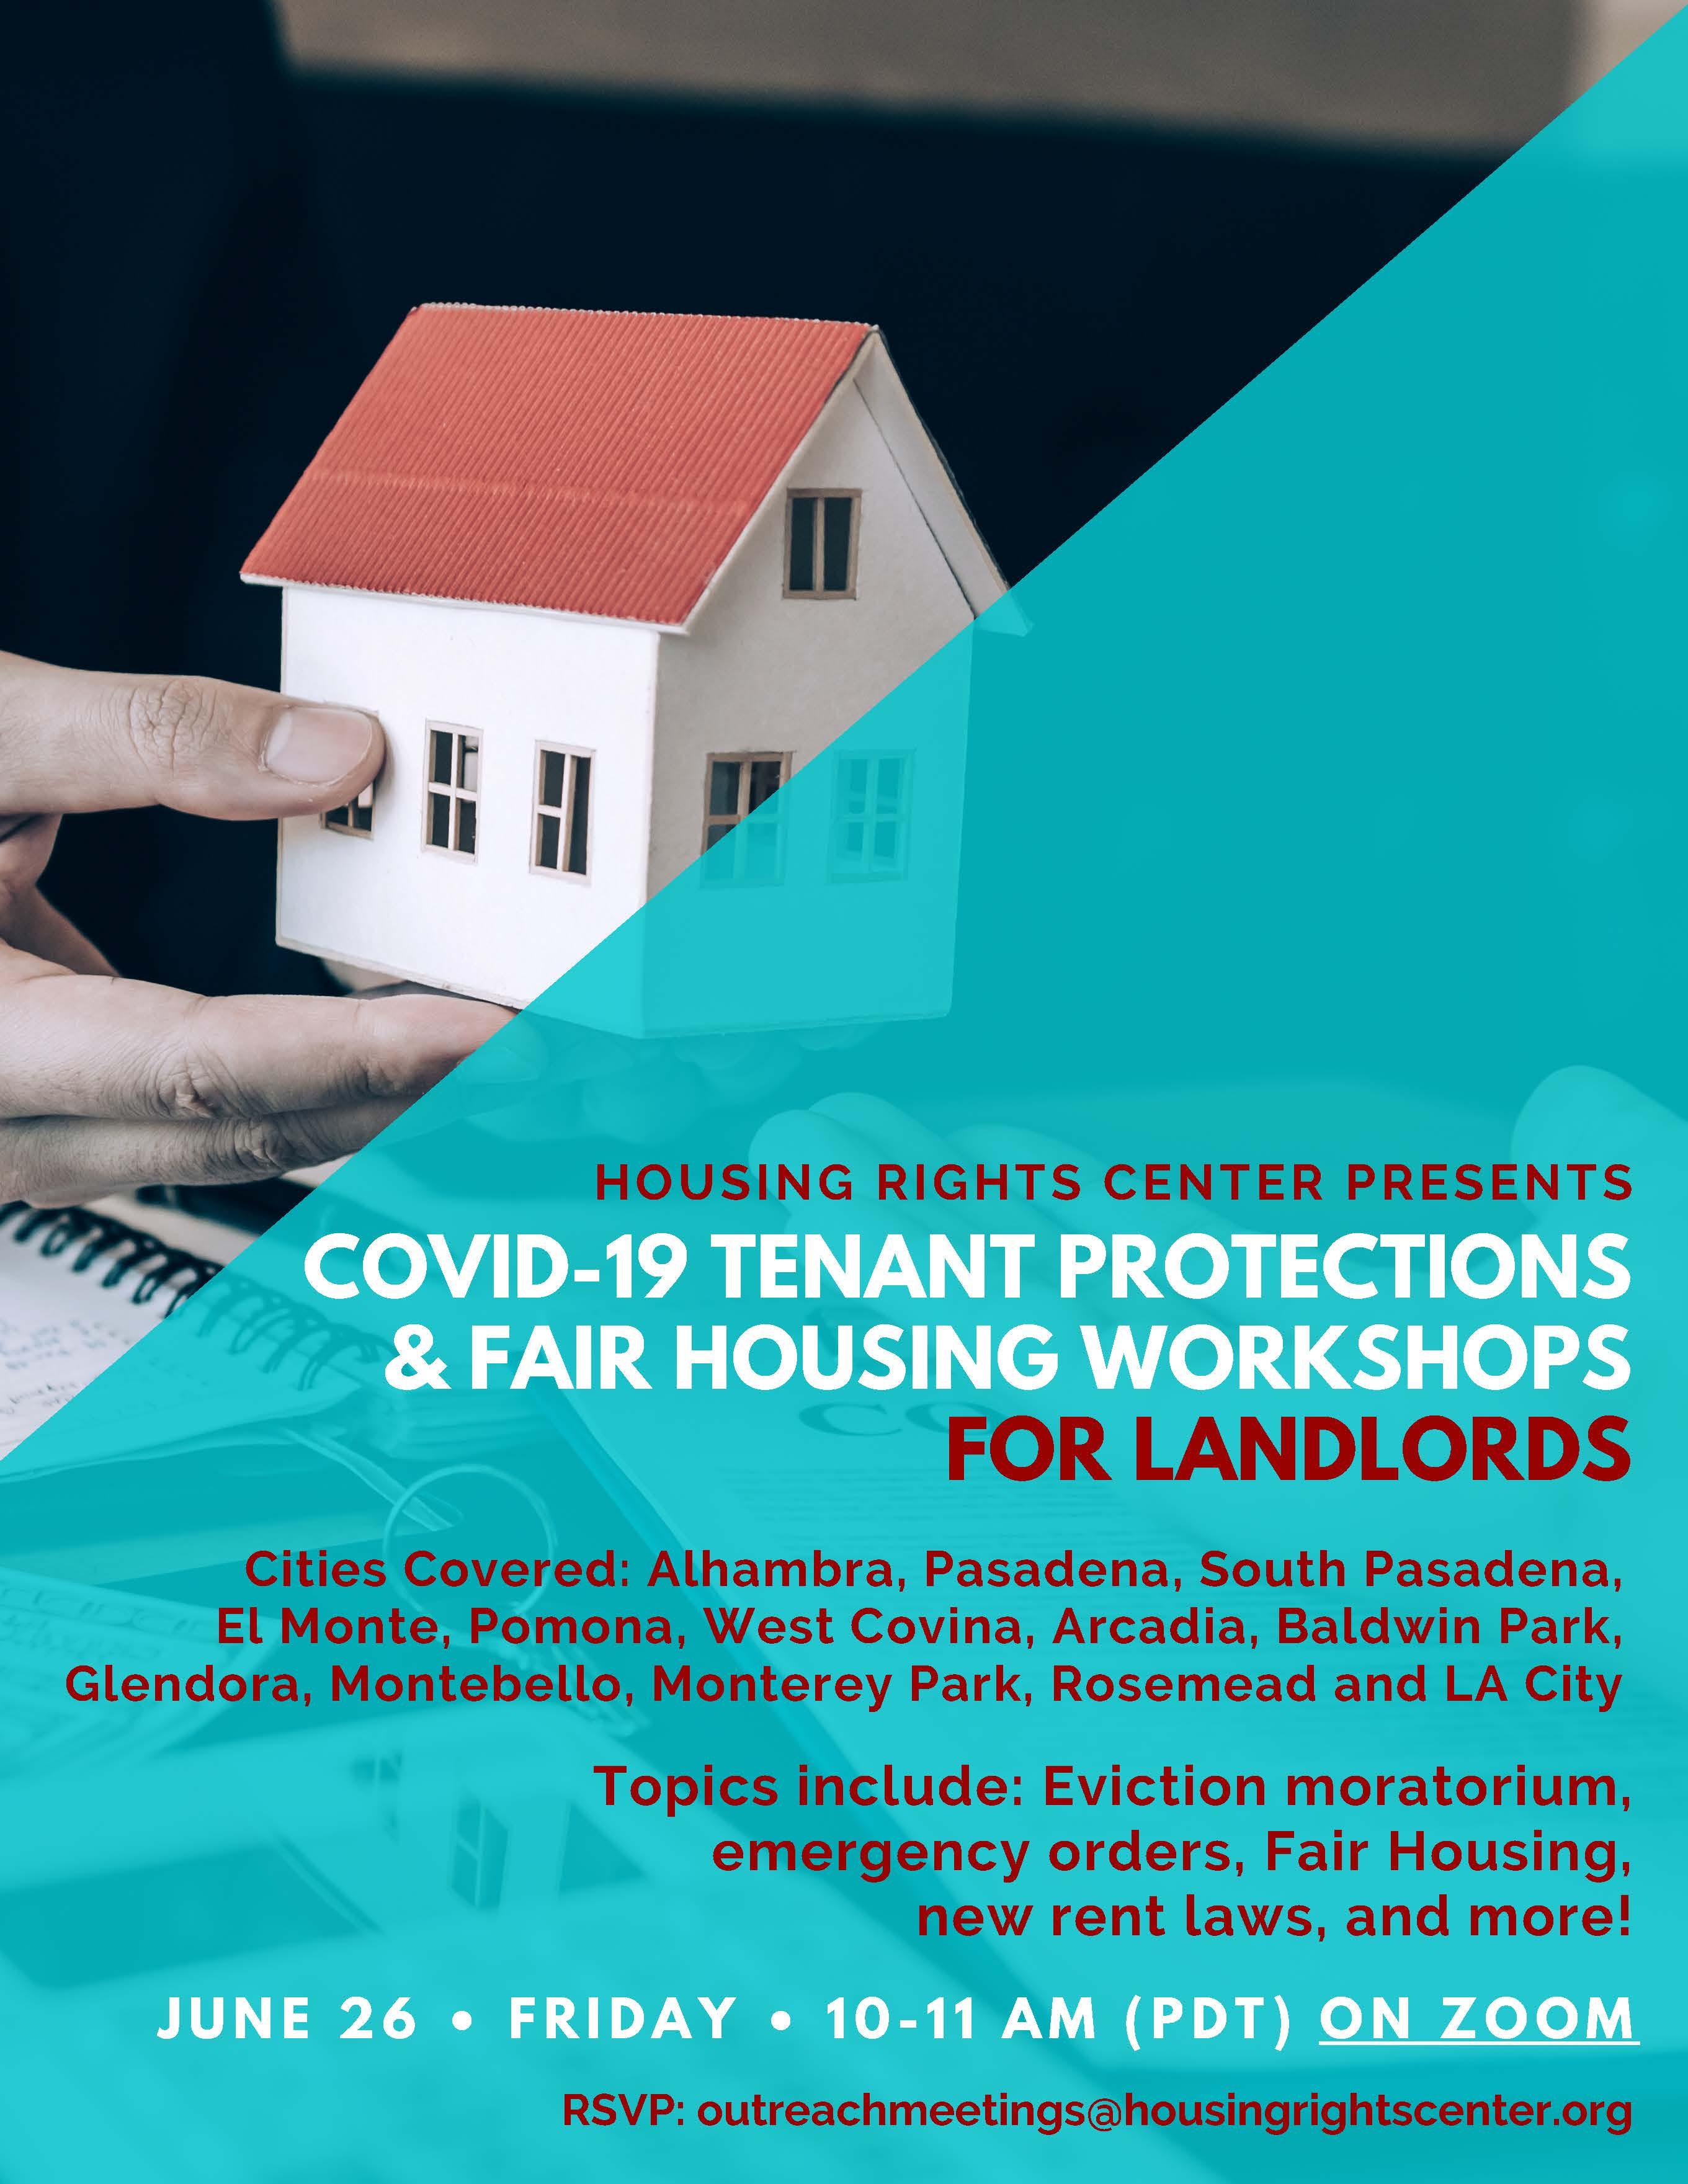 flyer with details of workshop